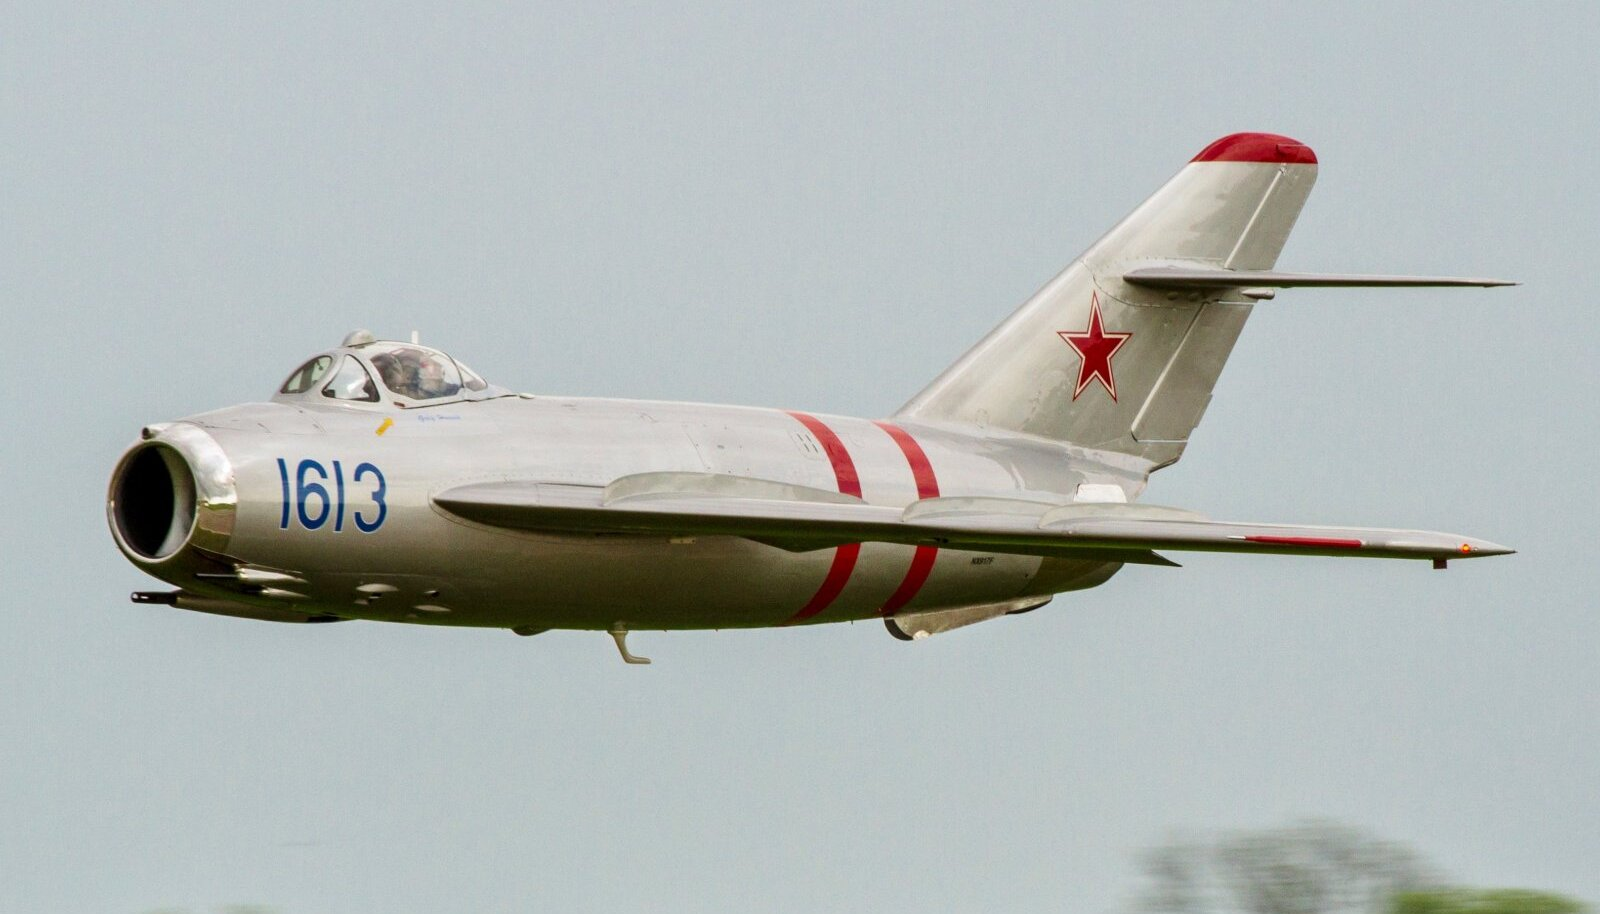 MiG-17-el oli tolle aja lennukitest suurim pardakahurite kogupaugu näitaja. (Foto: Wikipedia)